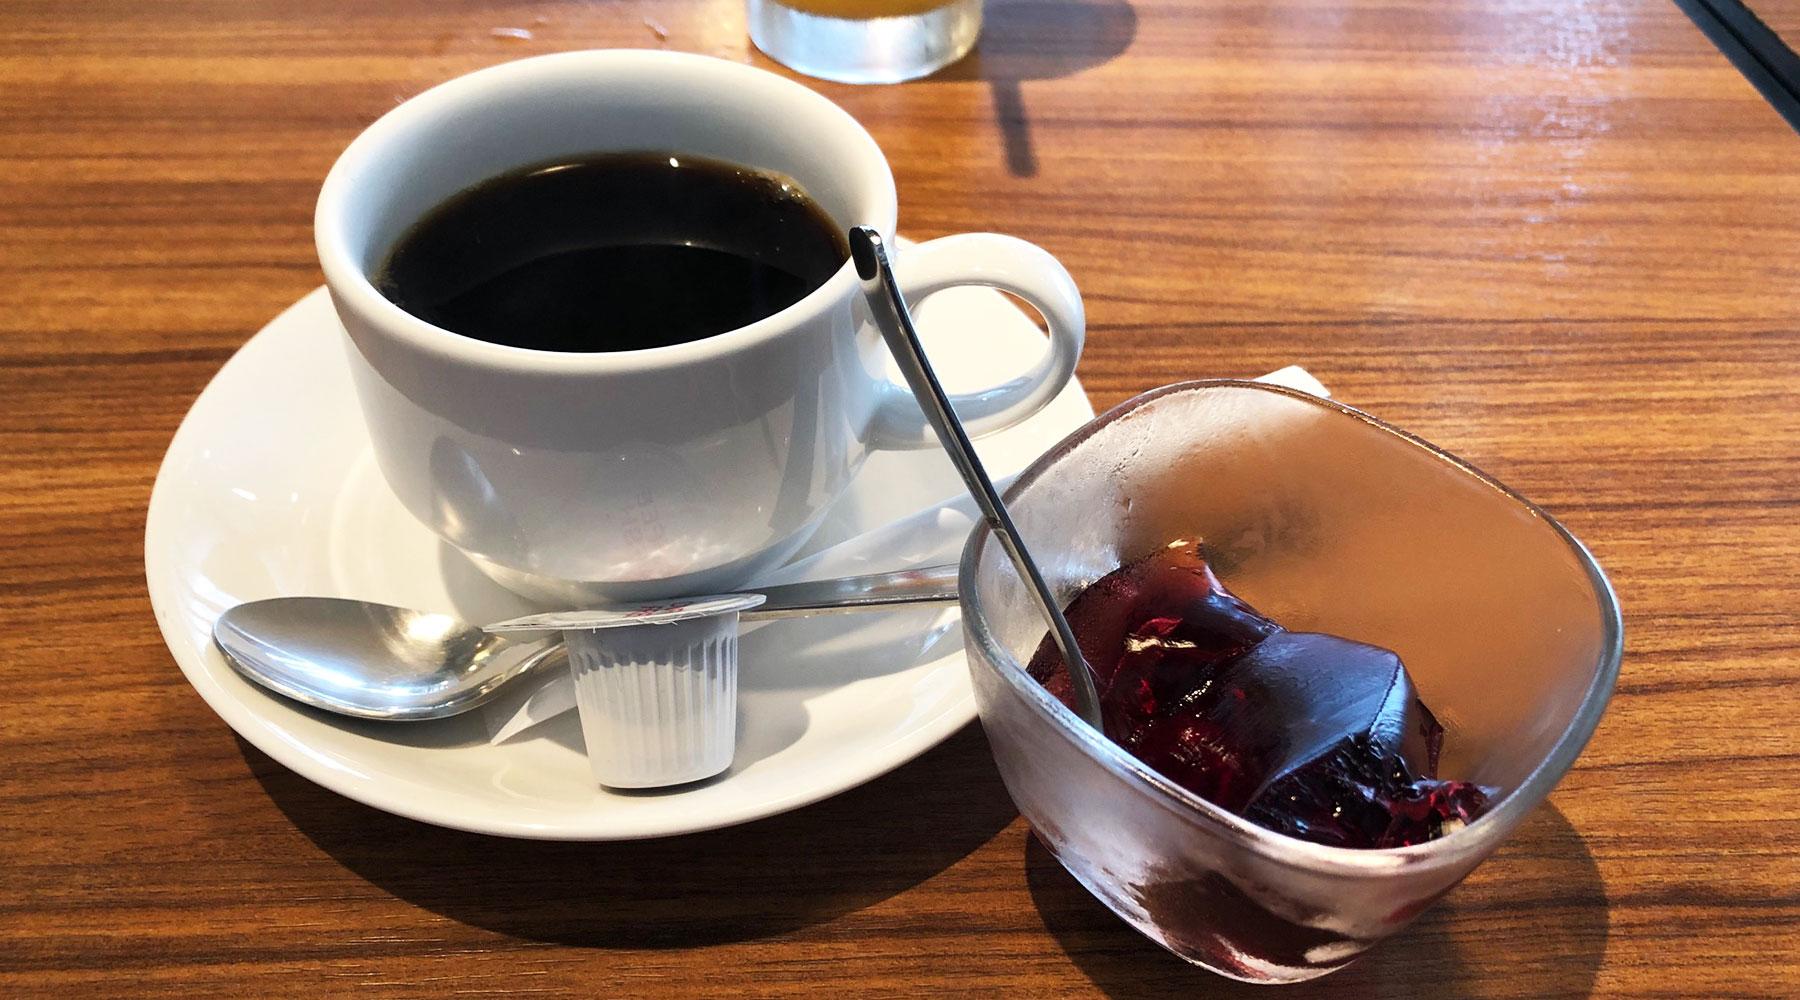 菜素美・食後のコーヒーとデザート